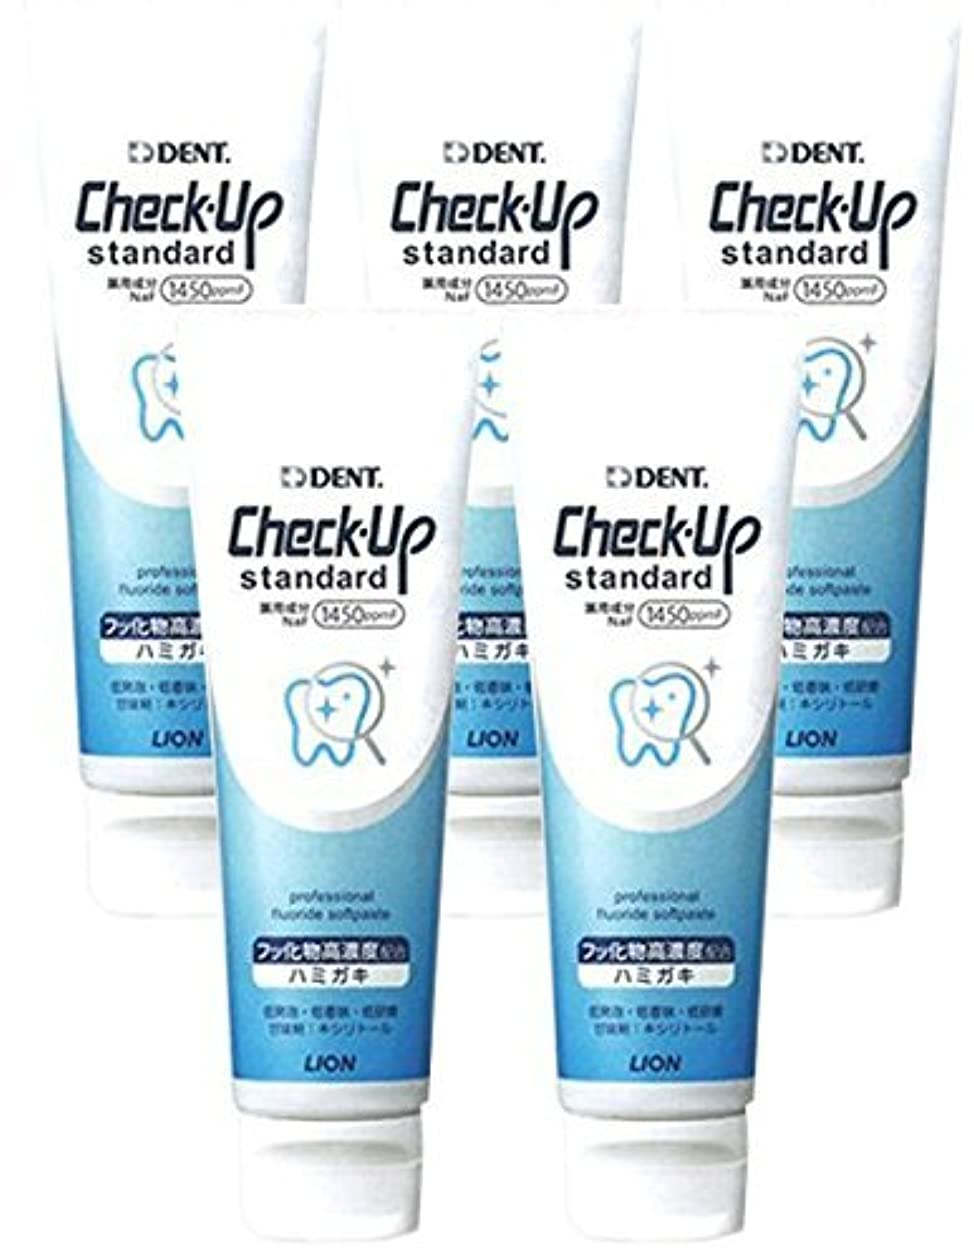 圧力対象必要とするライオン デントチェックアップスタンダード 135g × 5本(DENT.Check-Upstandard) フッ素1450ppm むし歯予防 歯磨き粉 歯科専用